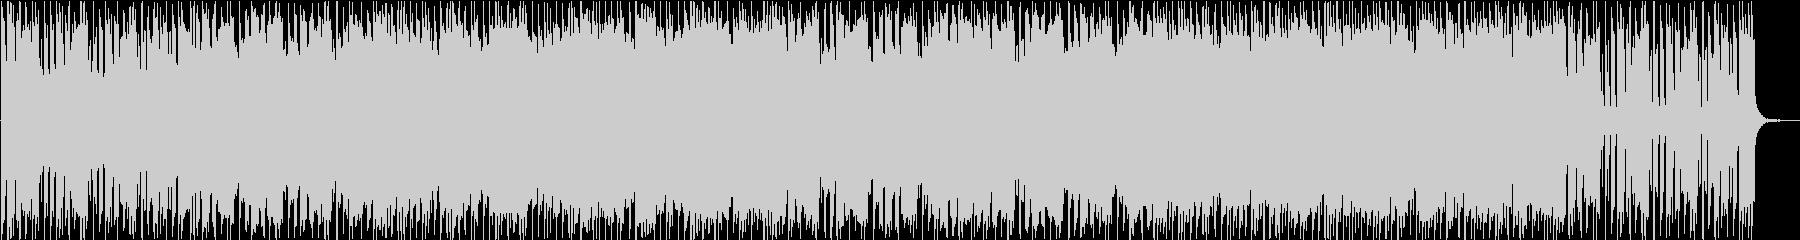 荒っぽいロック×POPなメロディの未再生の波形